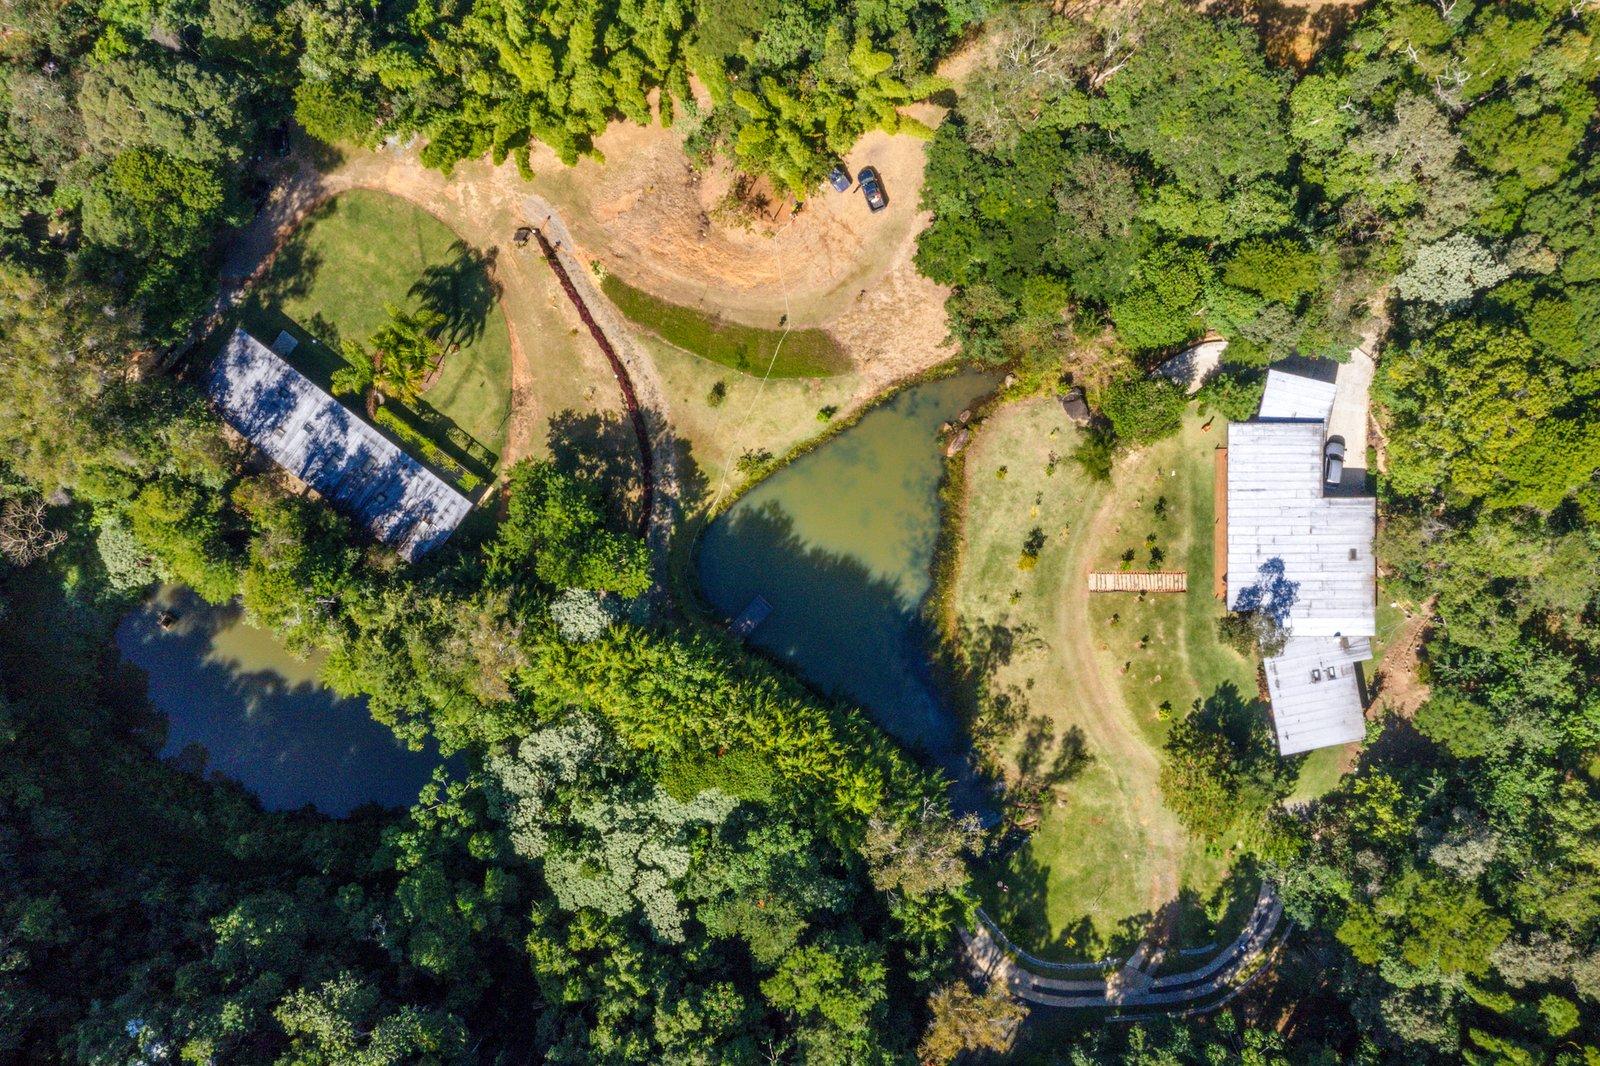 House in Vale Das Videiras aerial view